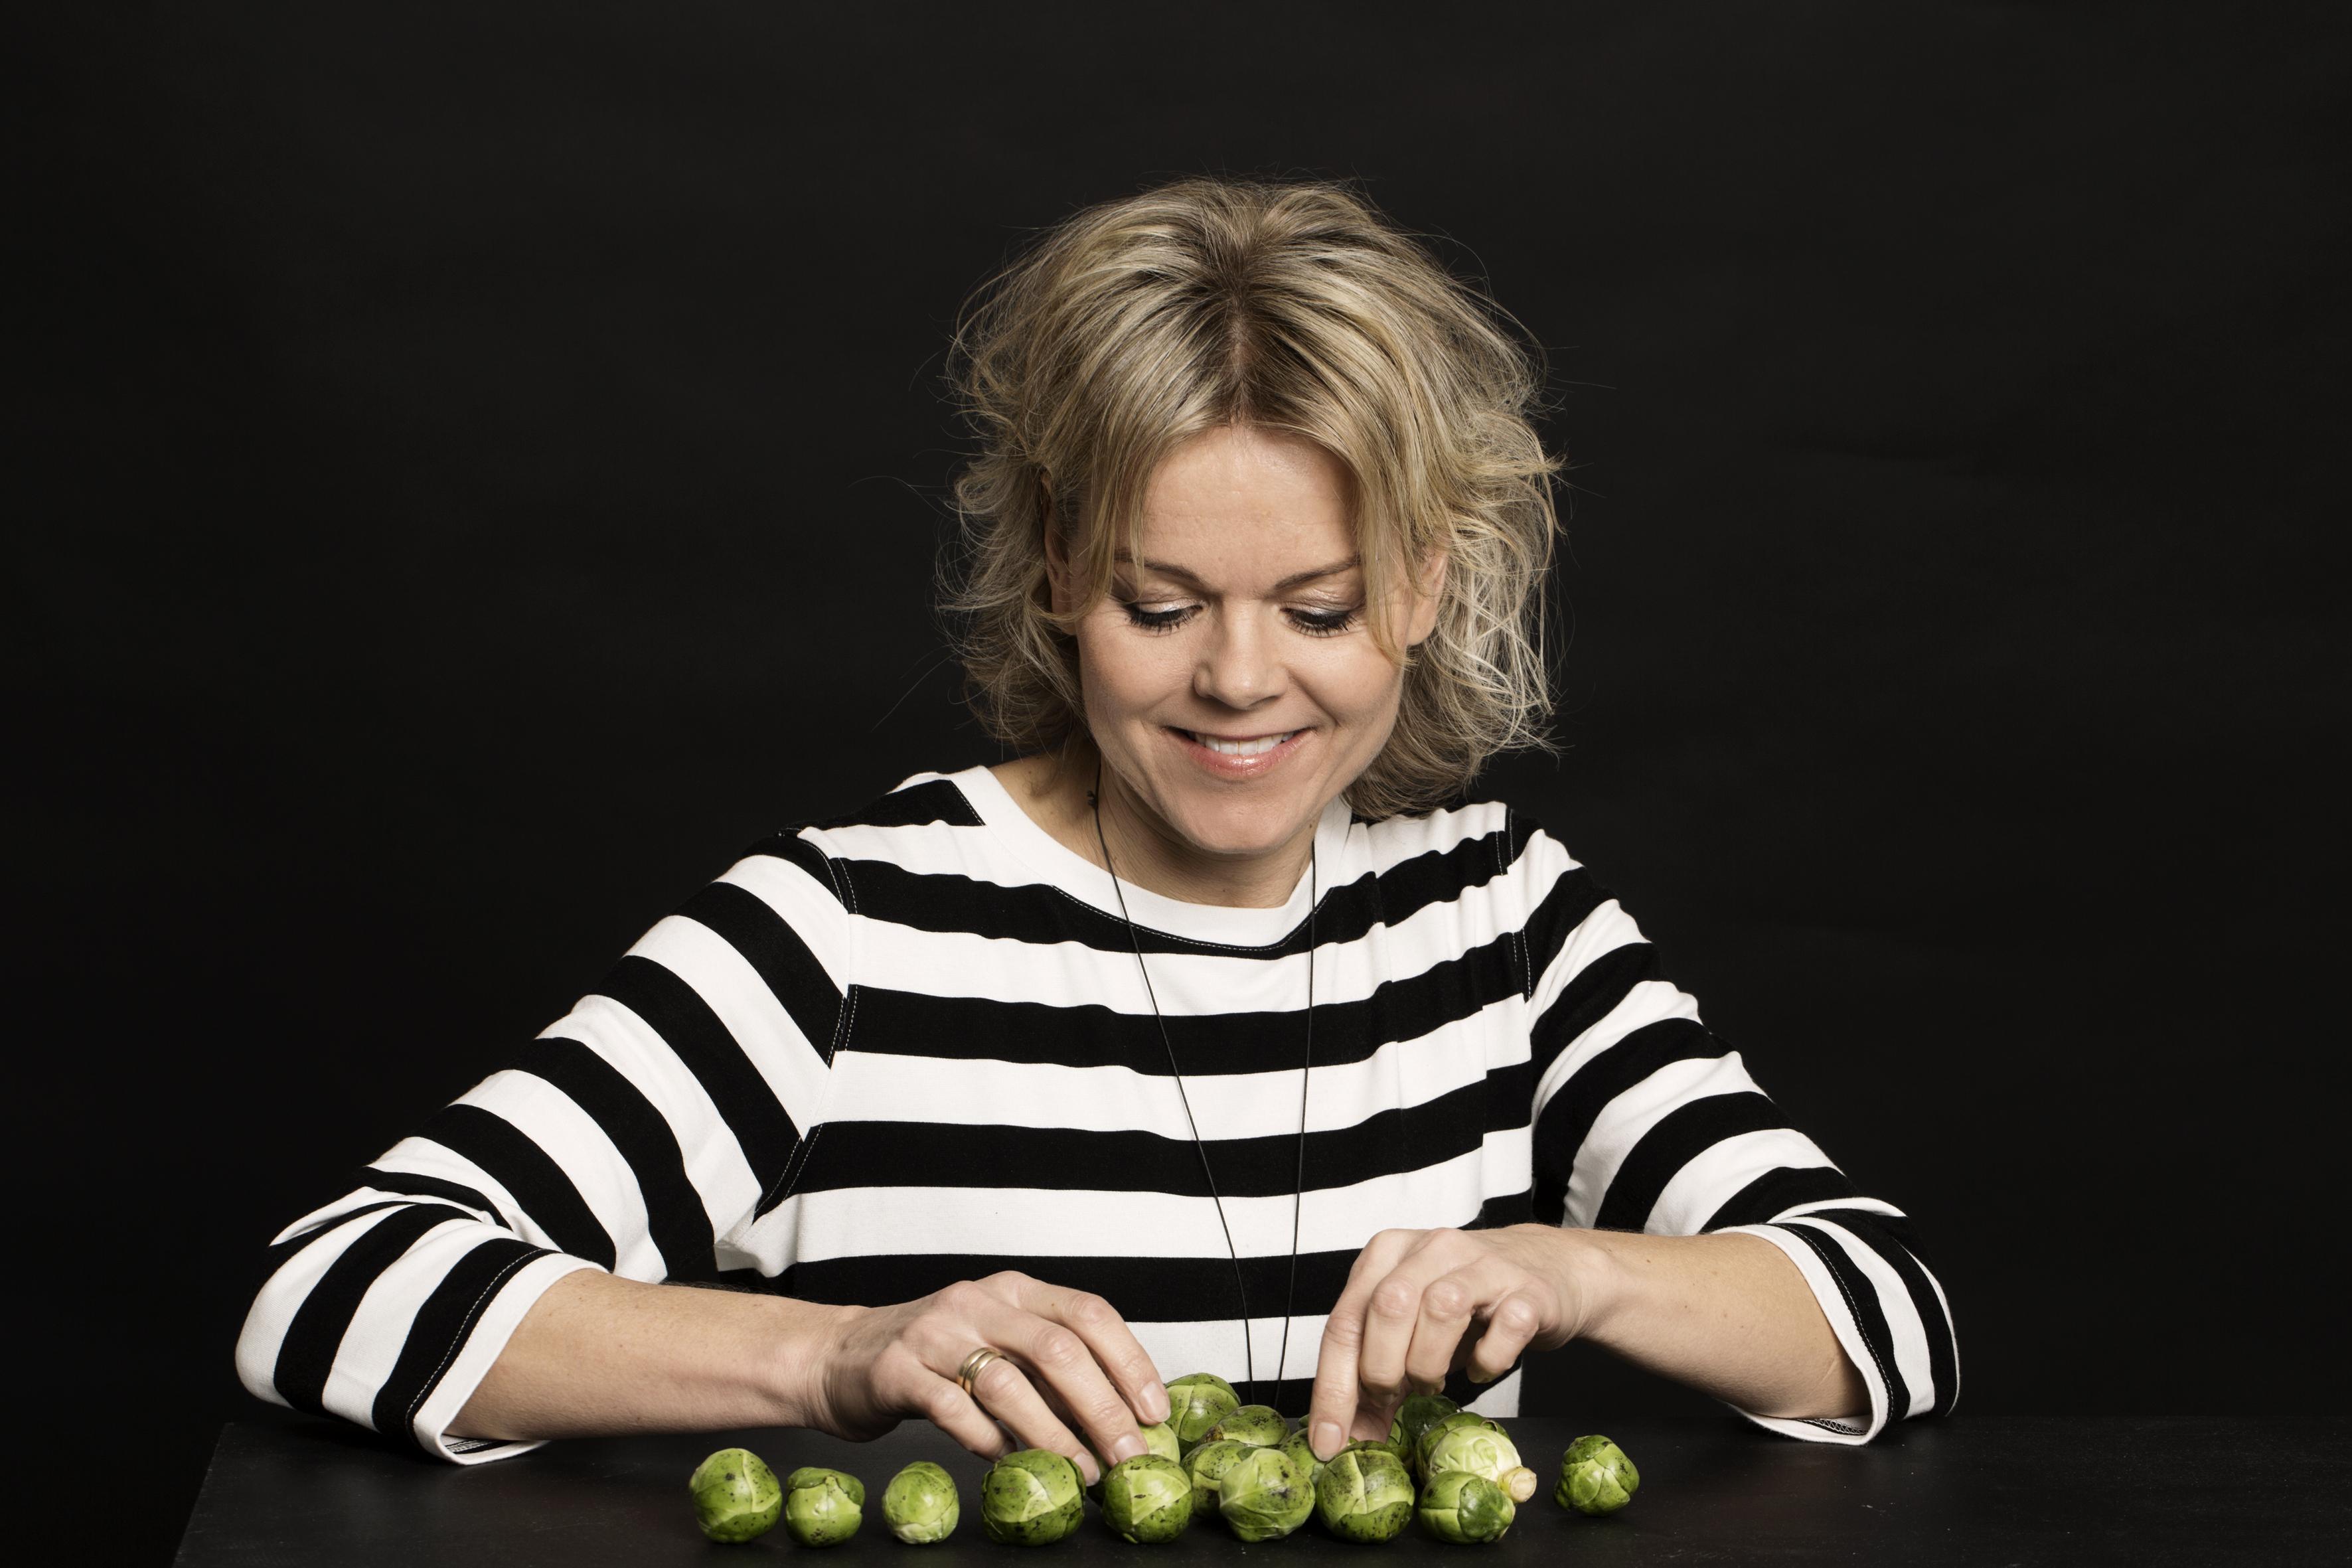 Kostvejledning 1:1 hos ernæringsterapeut Karen Nørby